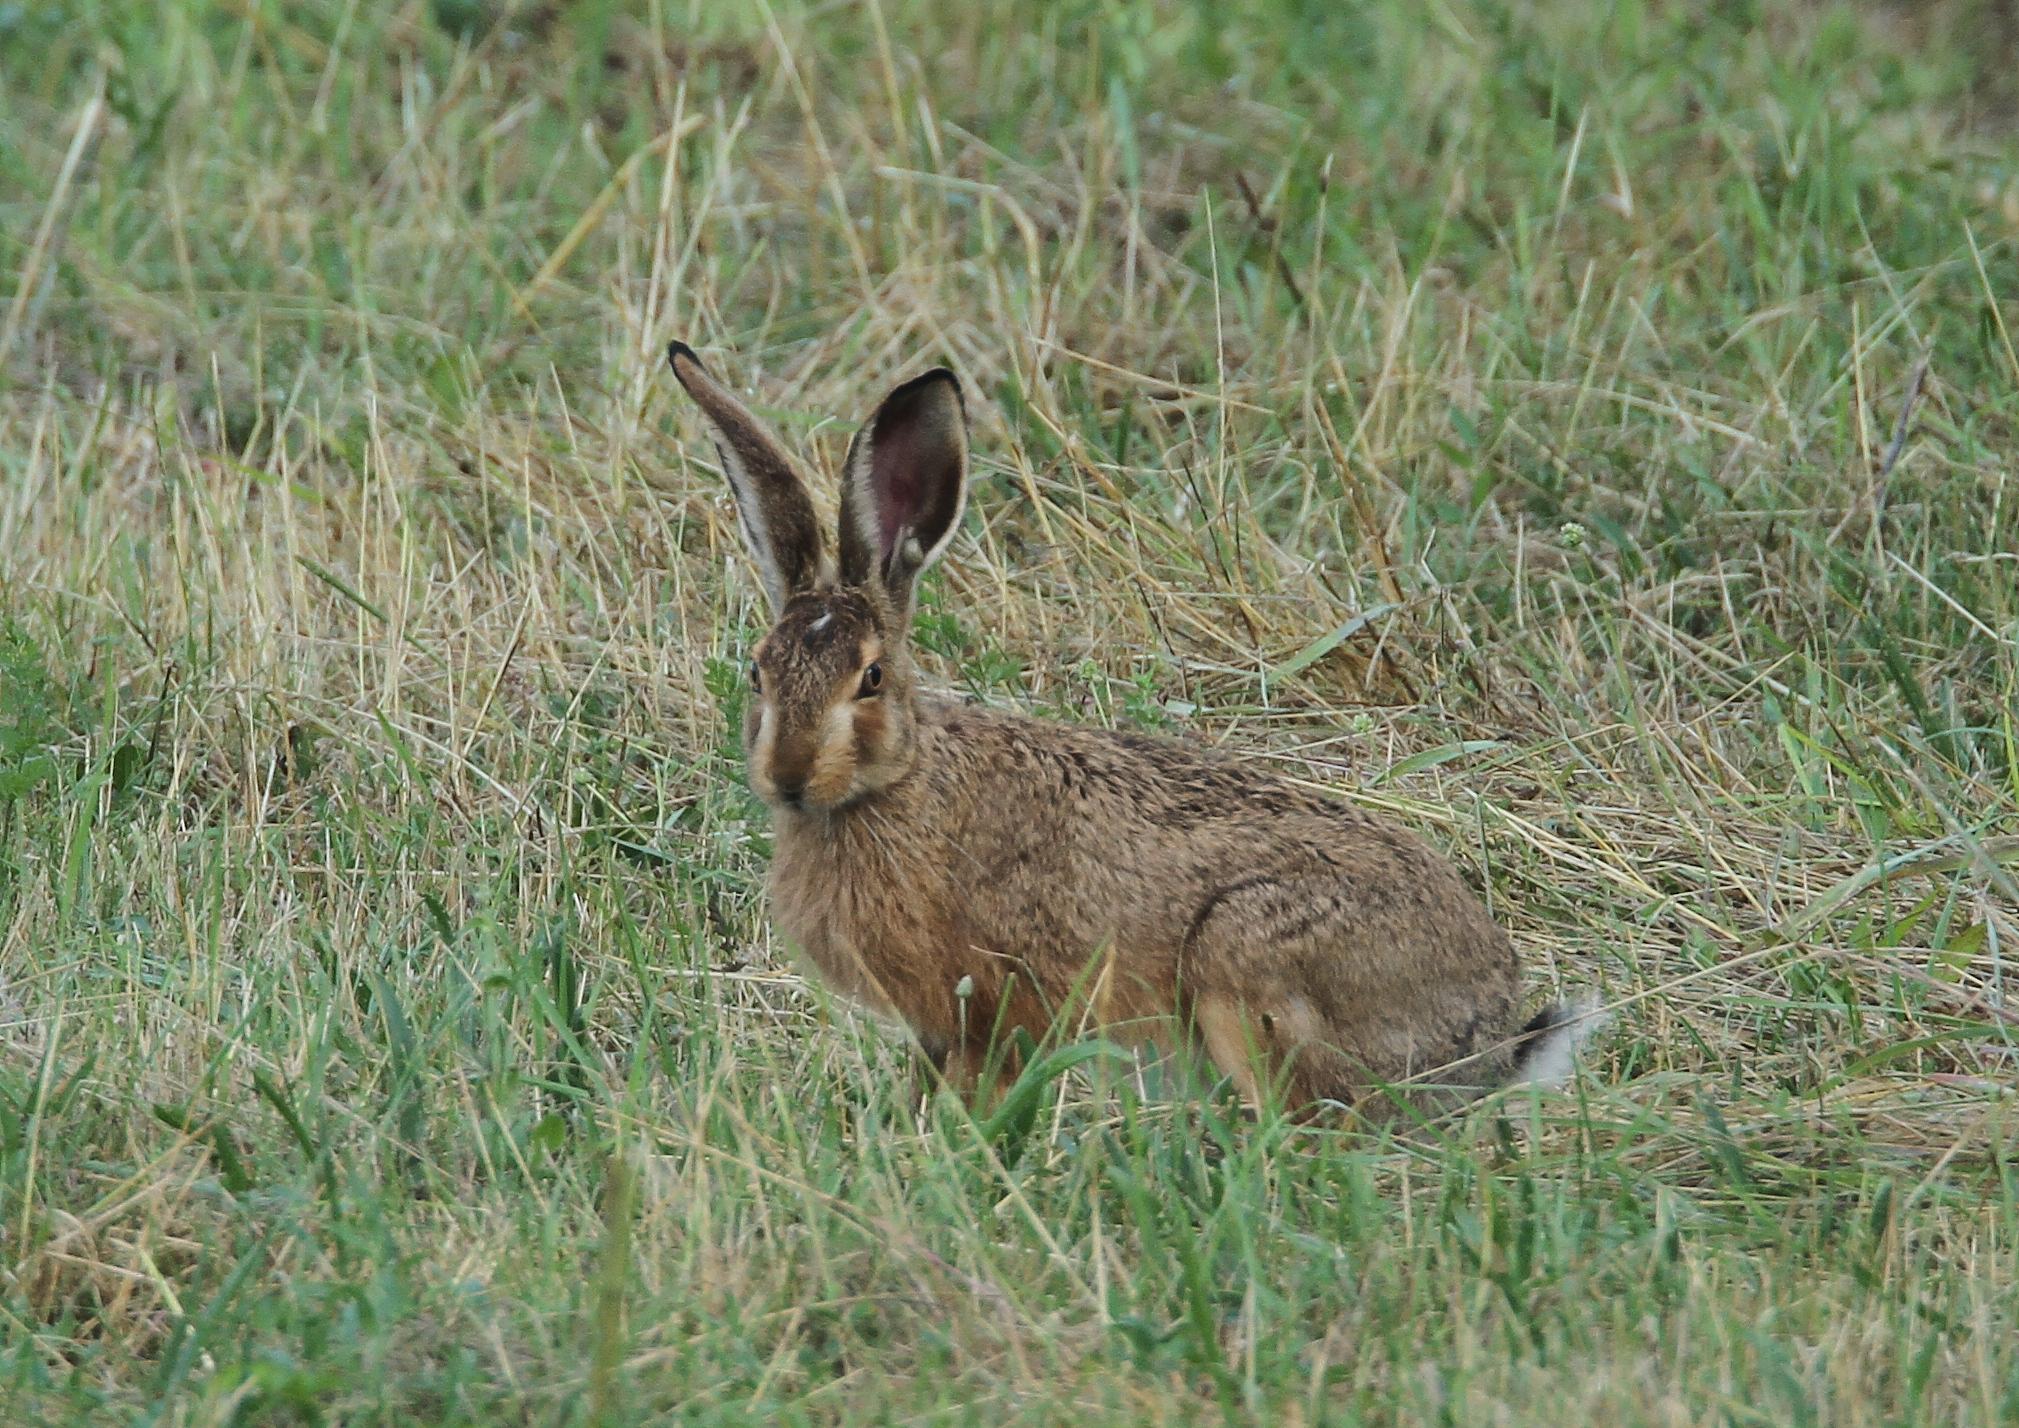 изображений покажите мне зайца -беляка и зайца-русака картинки банька уже почти